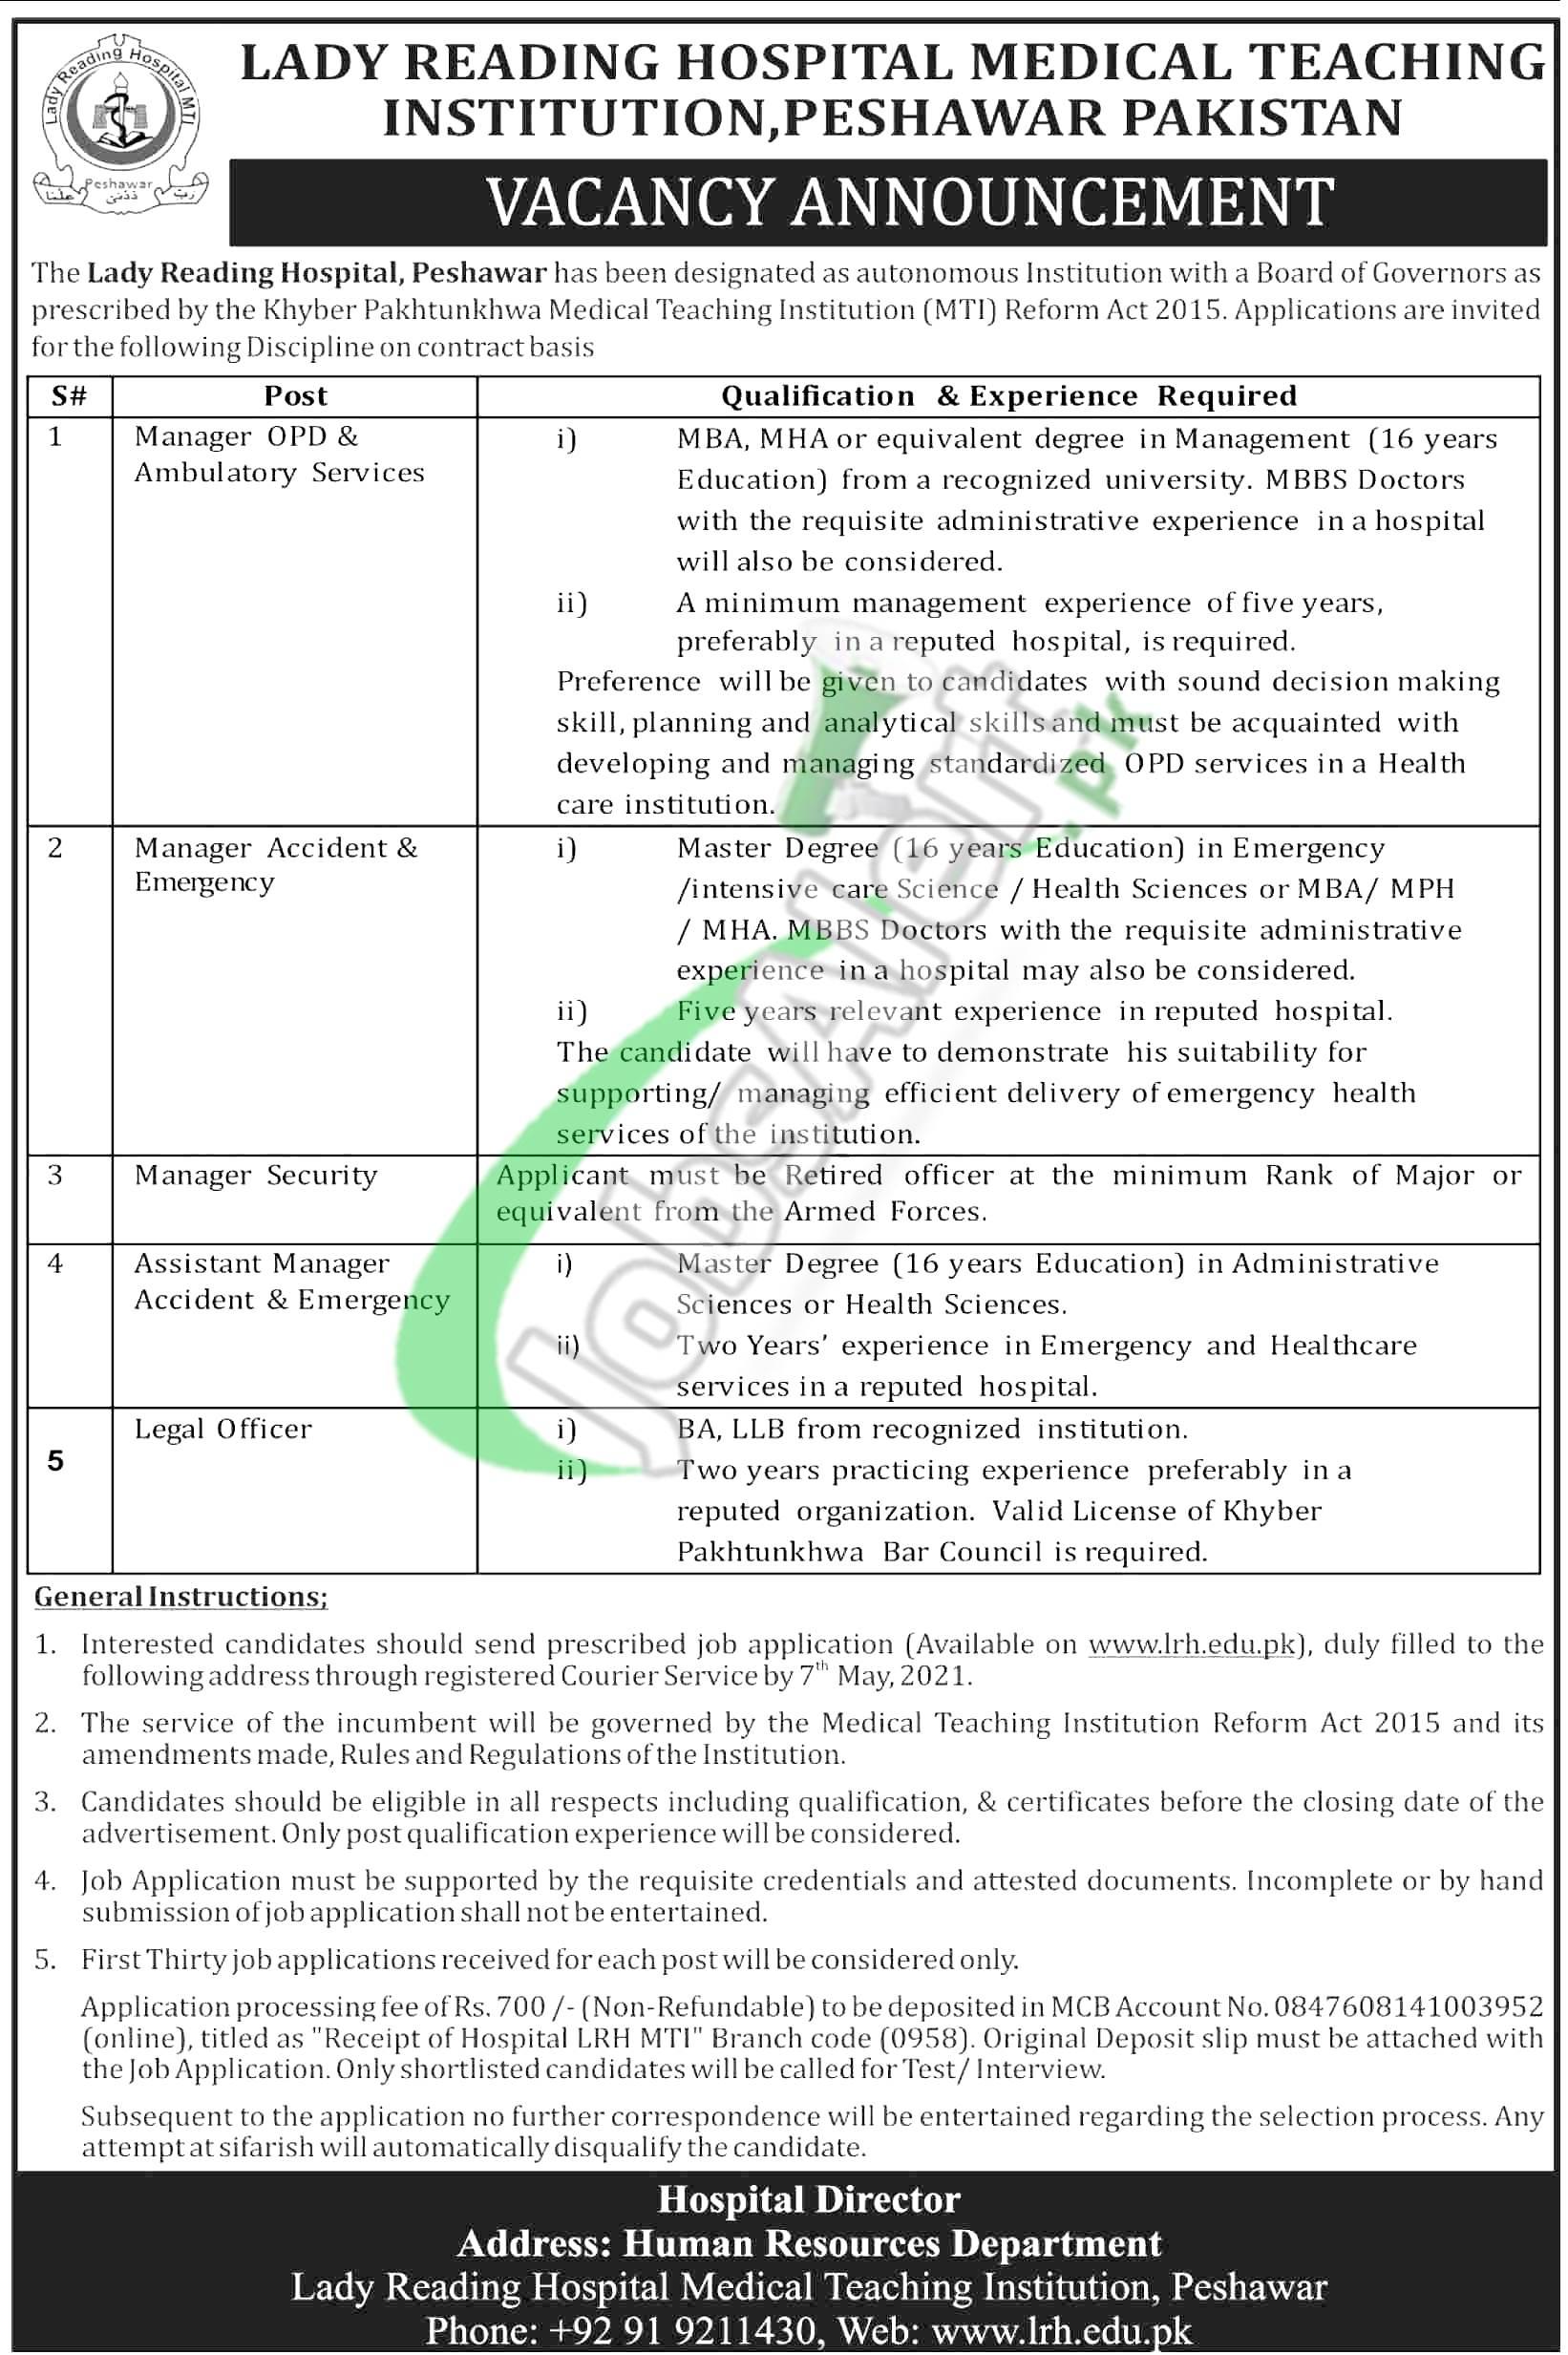 www.lrh.gov.pk Jobs